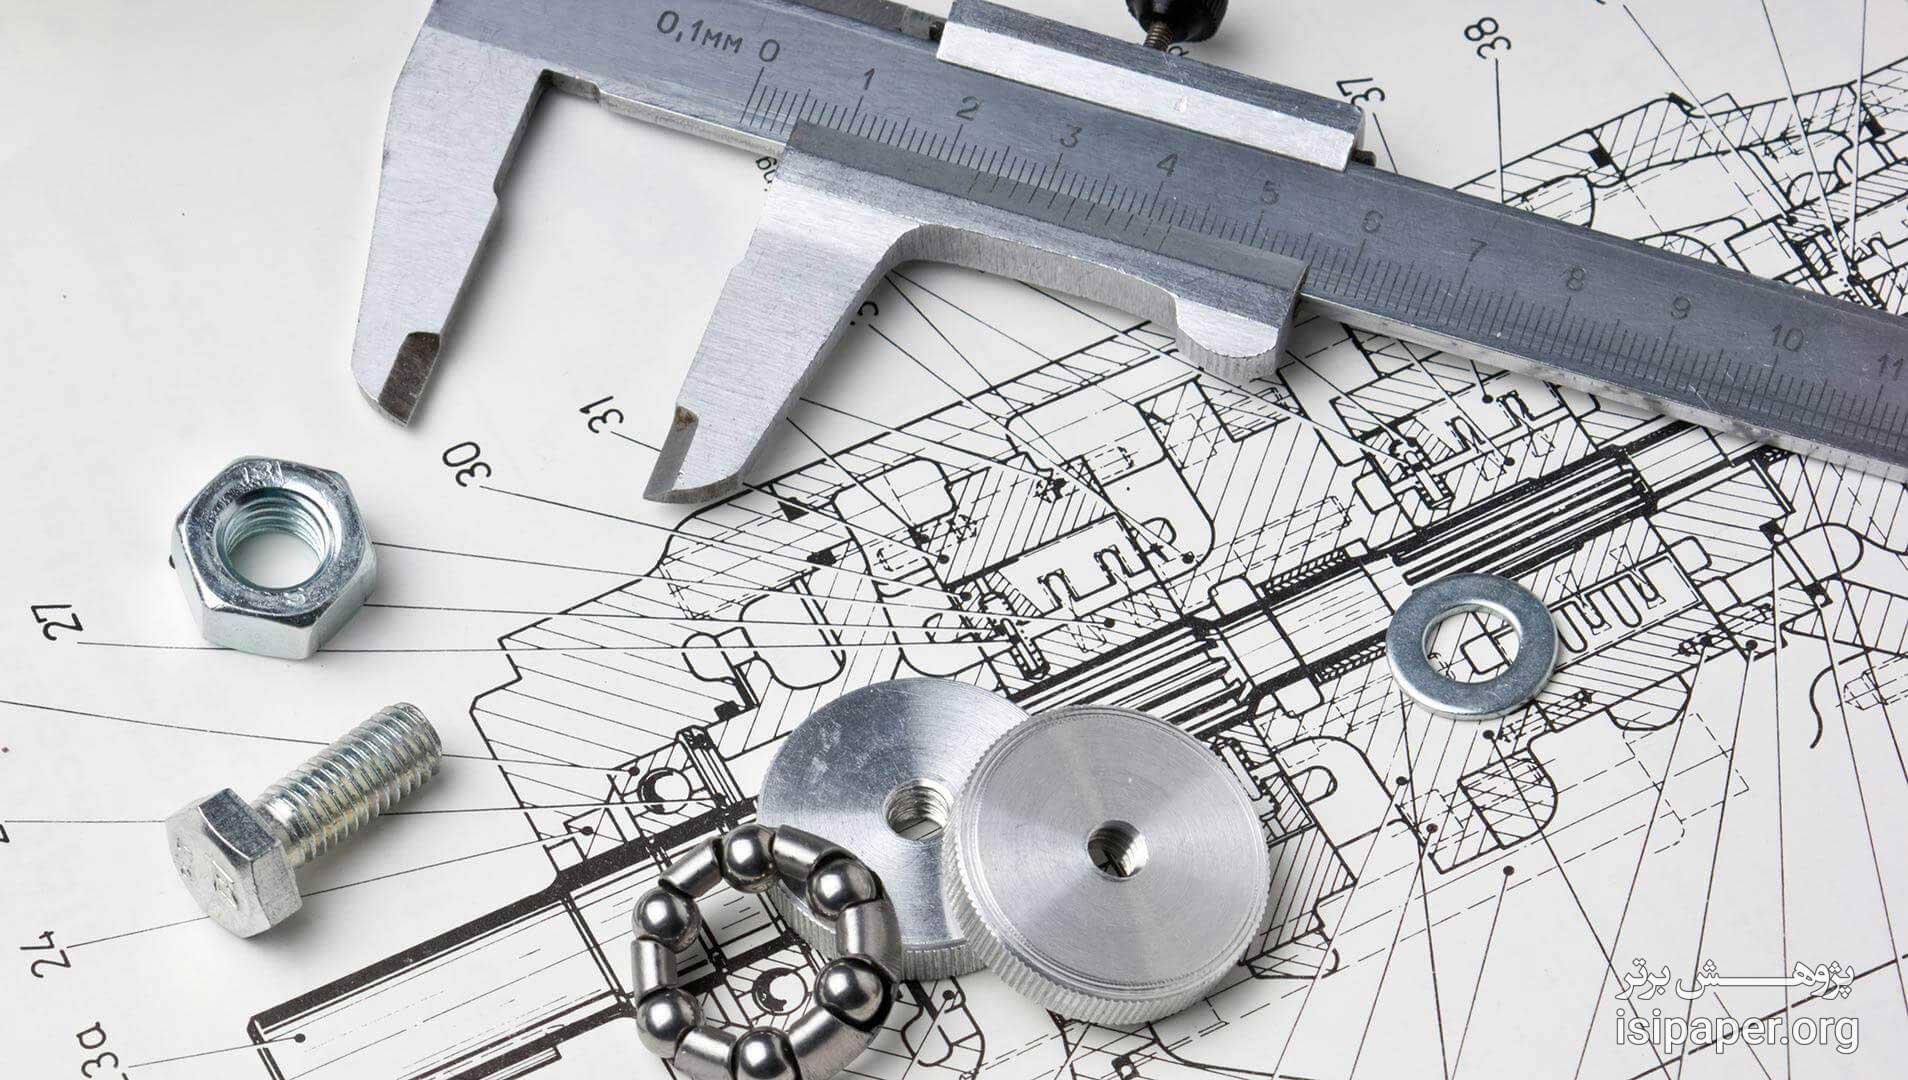 نقشه کشی و طراحی صنعتی